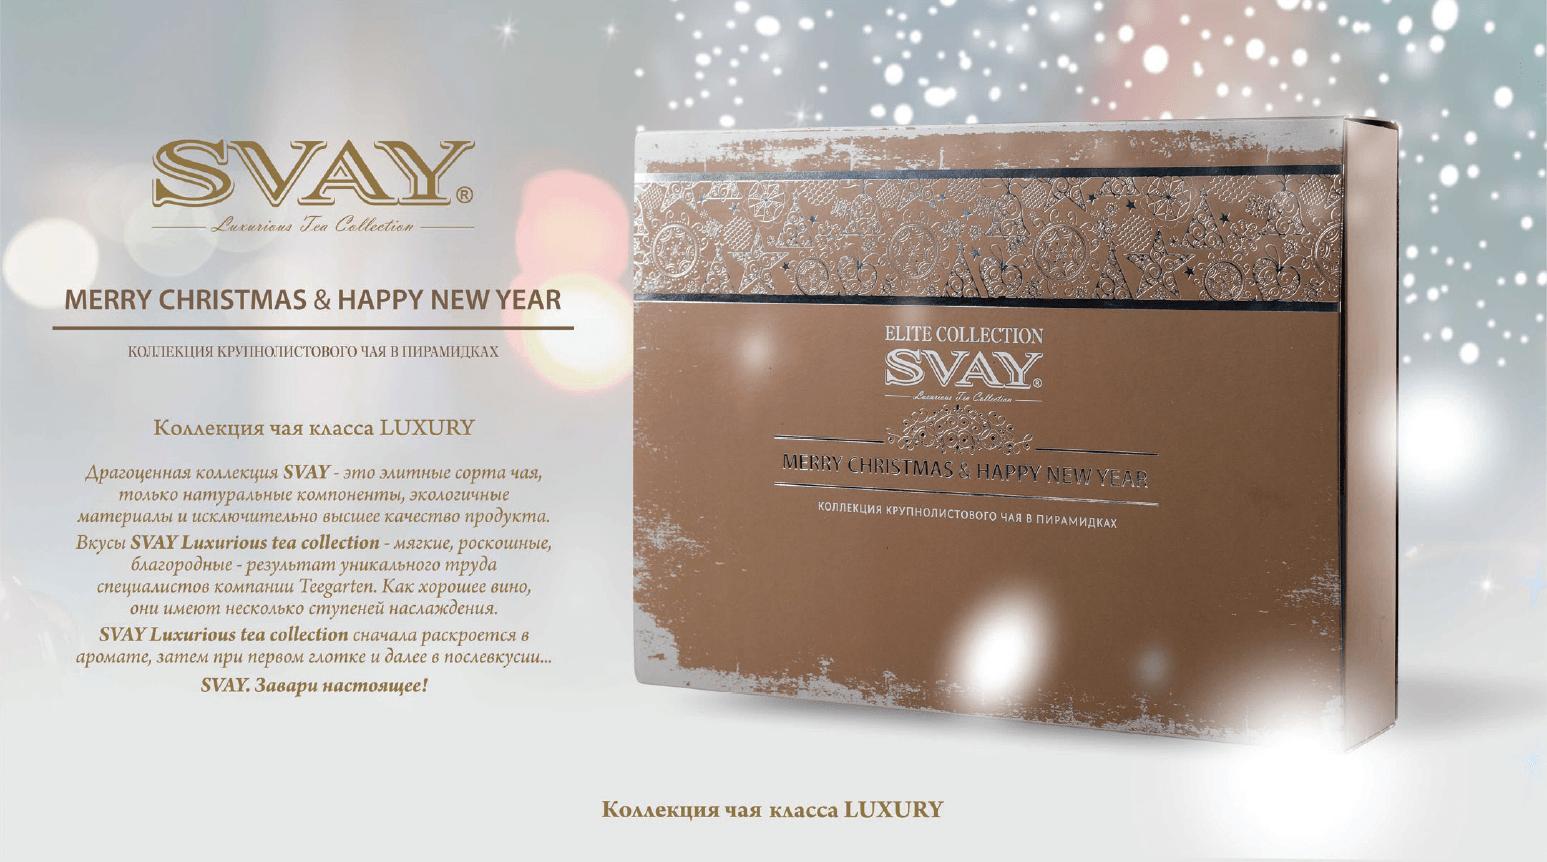 Новогоднее предложение от TM SVAY